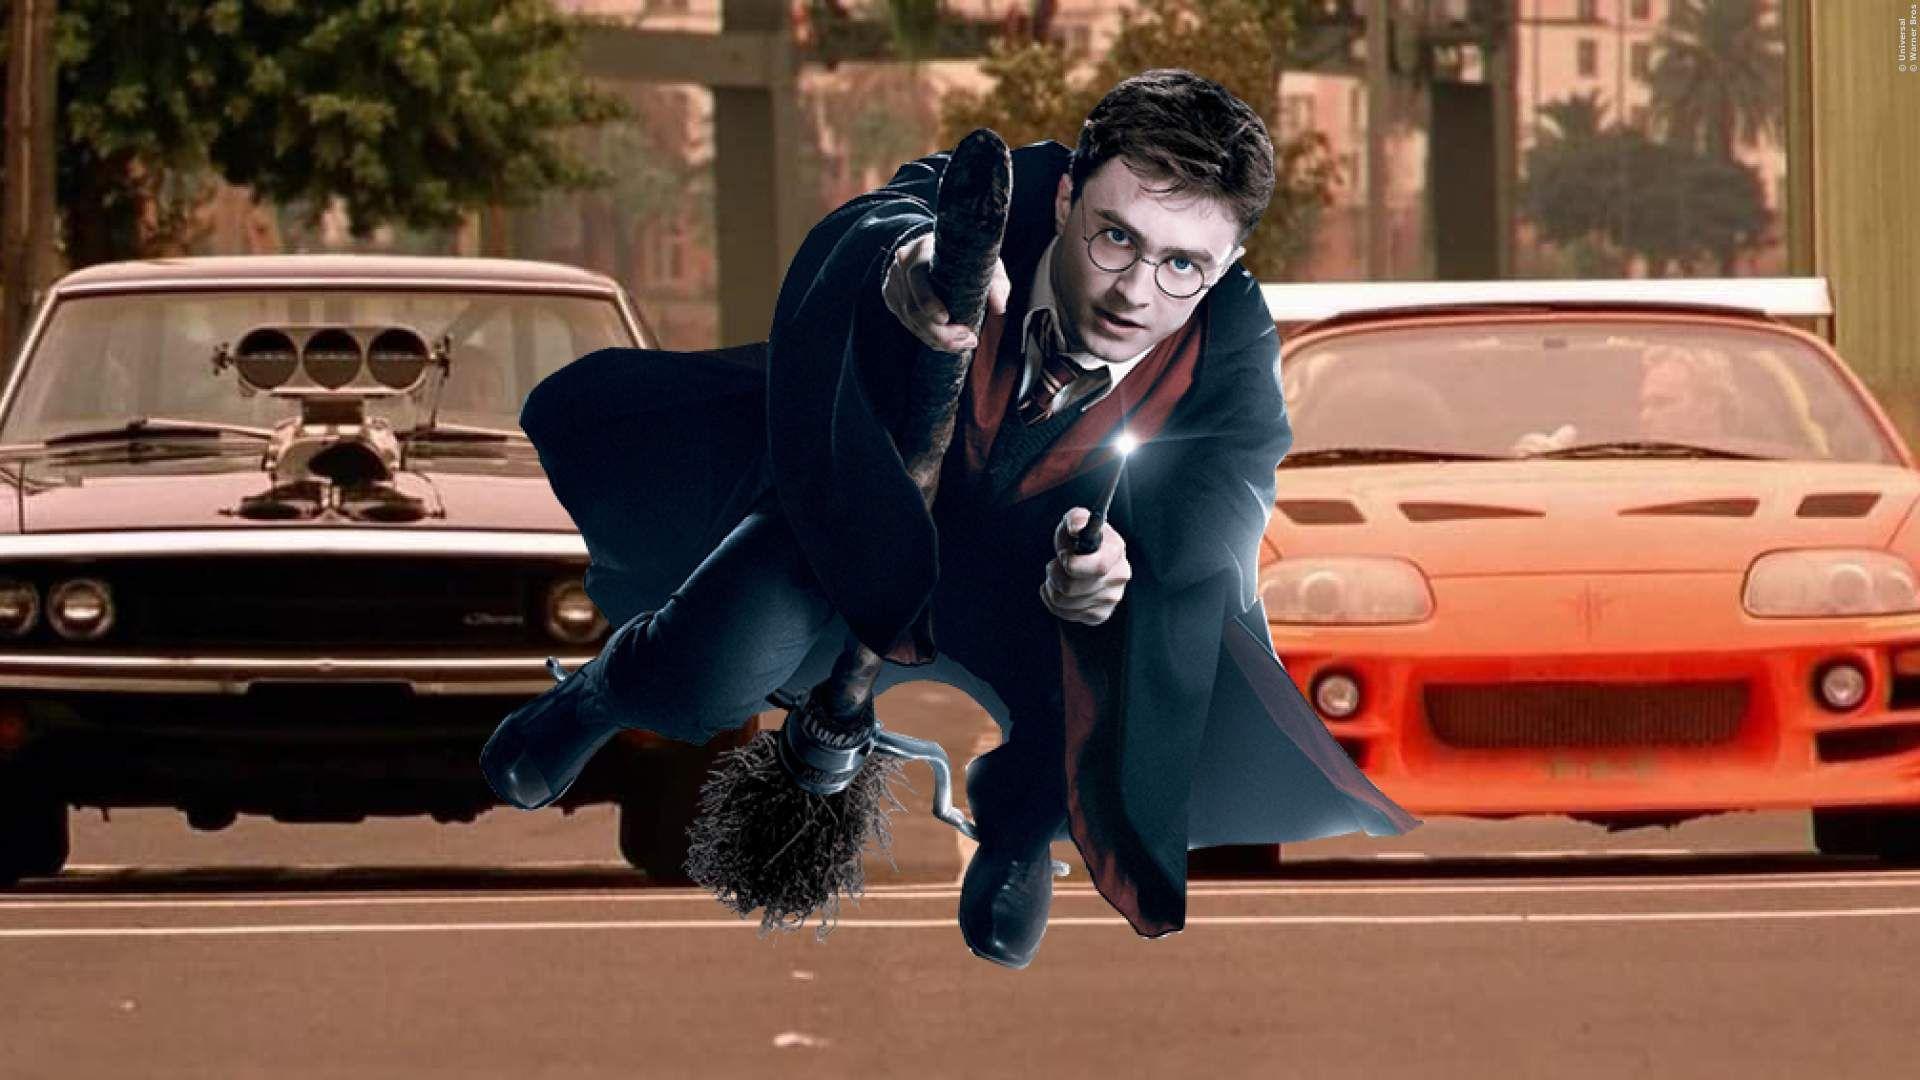 Aufgeklart Spielt Der Harry Potter Star Bald Wirklich In Fast Furious Mit Daniel Radcliffe Kennen Die Fast And Furious Joe Manganiello Daniel Radcliffe